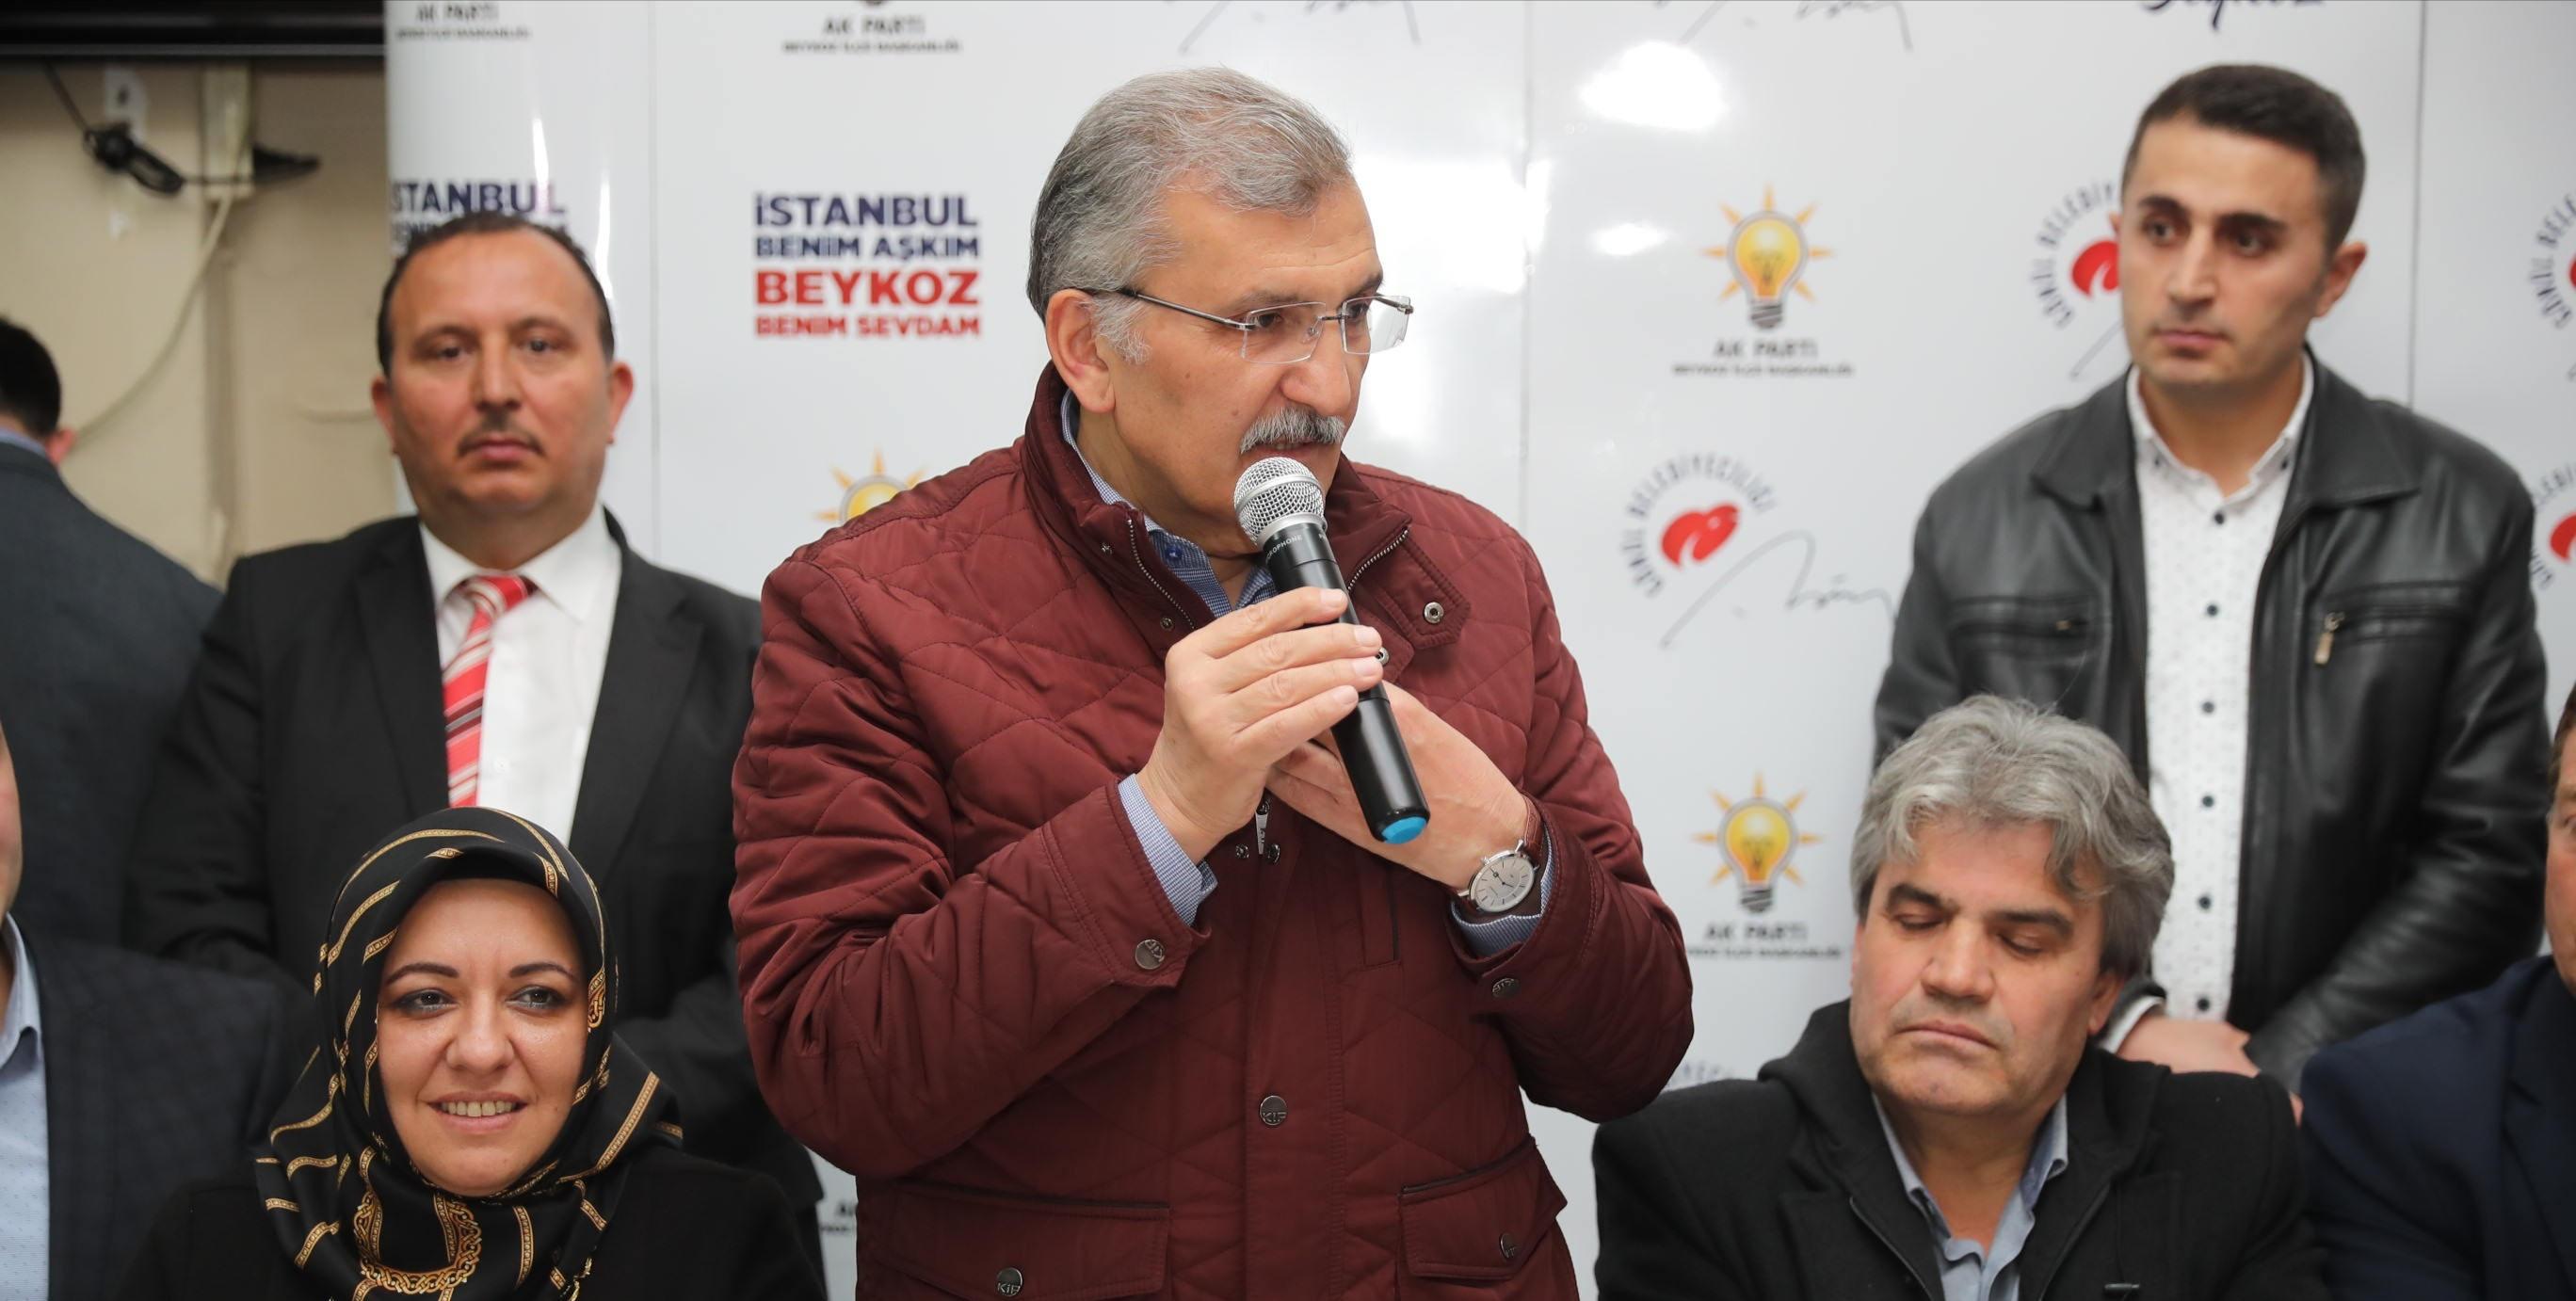 Murat Aydın: 'Beykoz'da Zengin, Fakir Ayrımını Ortadan Kaldırmak İstiyoruz'